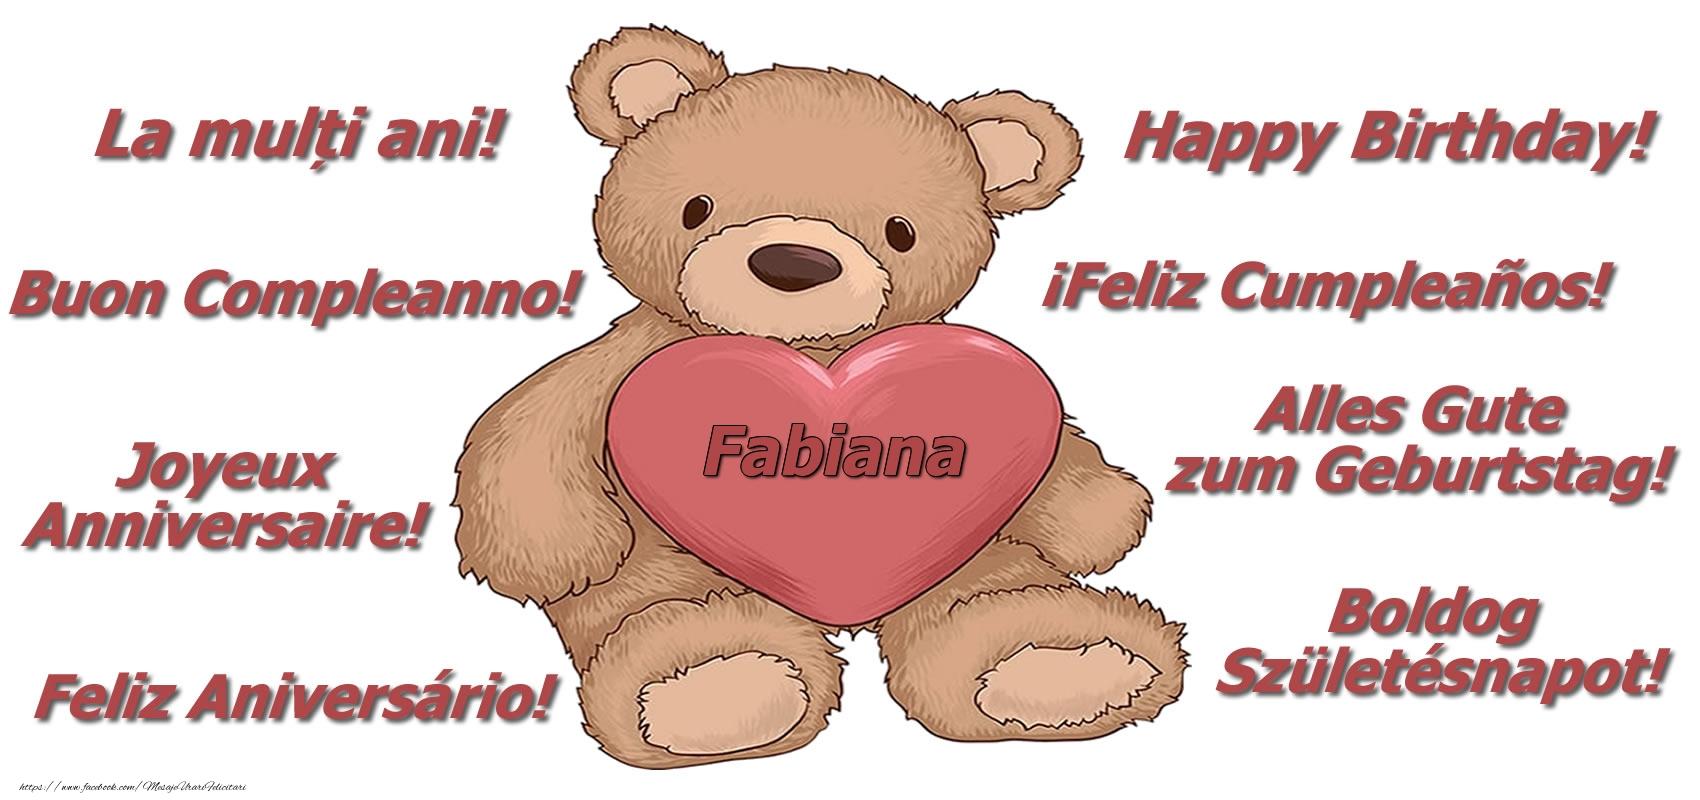 Felicitari de zi de nastere - La multi ani Fabiana! - Ursulet